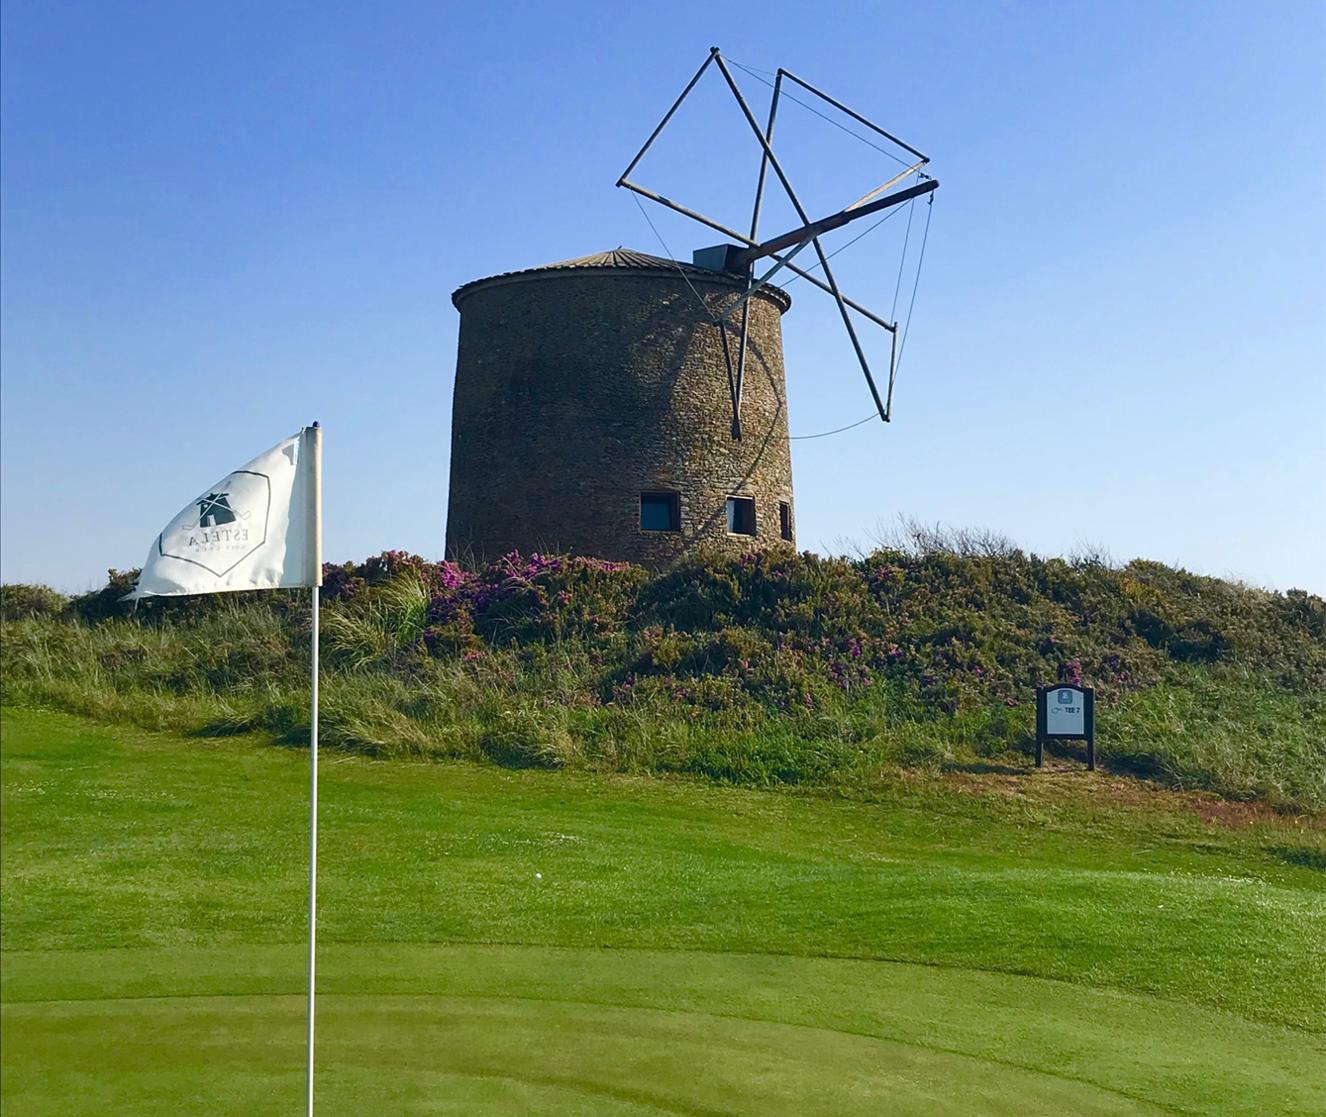 Campo de golfe da Estela, na Póvoa de Varzim / Nelson Quintas